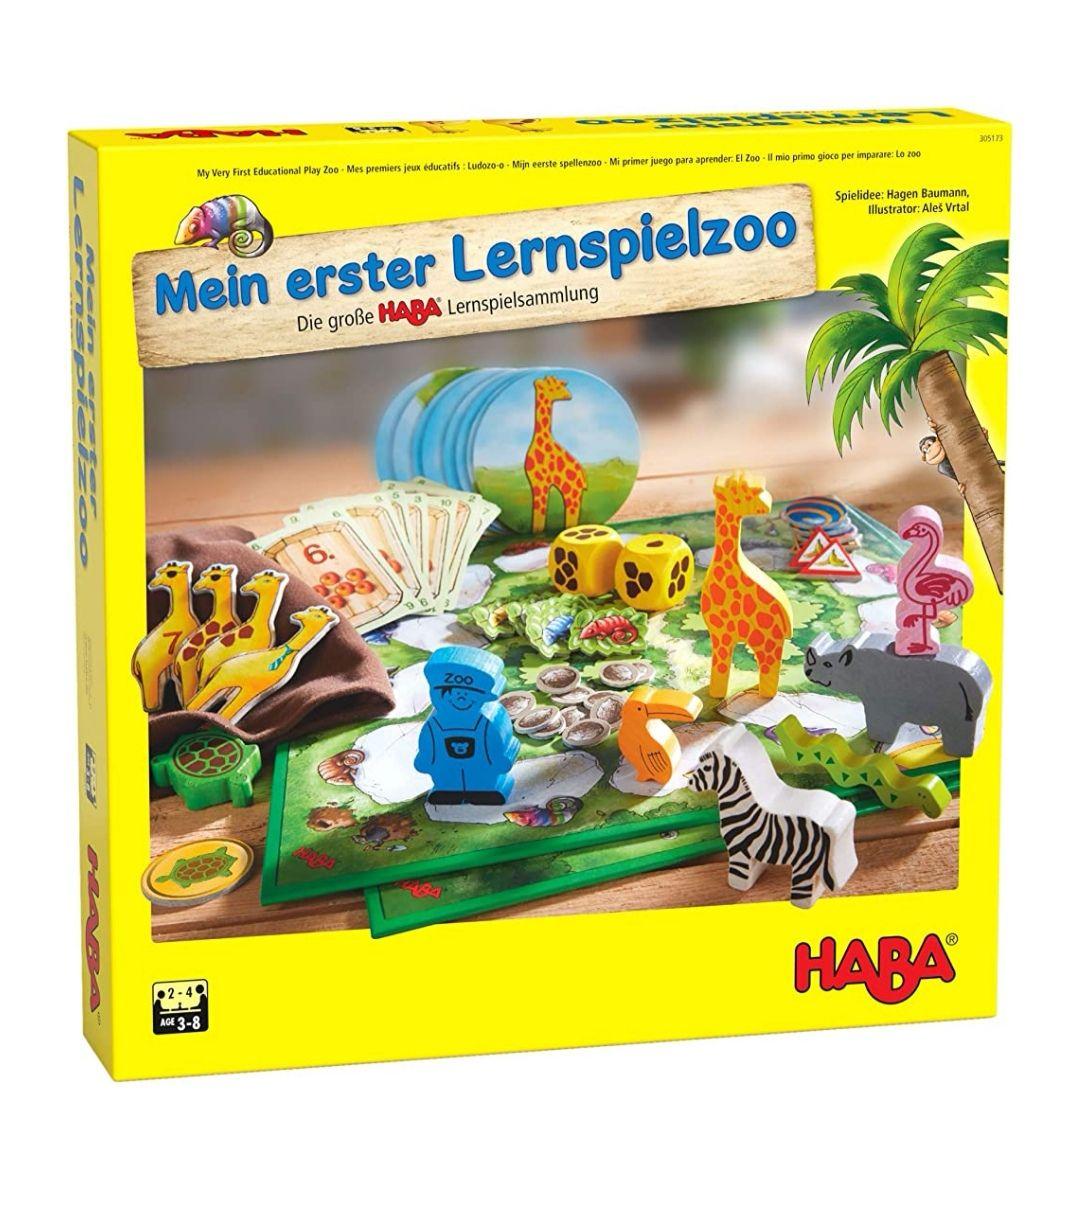 (Prime) HABA 305173 - Mein erster Lernspielzoo, 10 Lernspiele für Kinder ab 3 Jahren